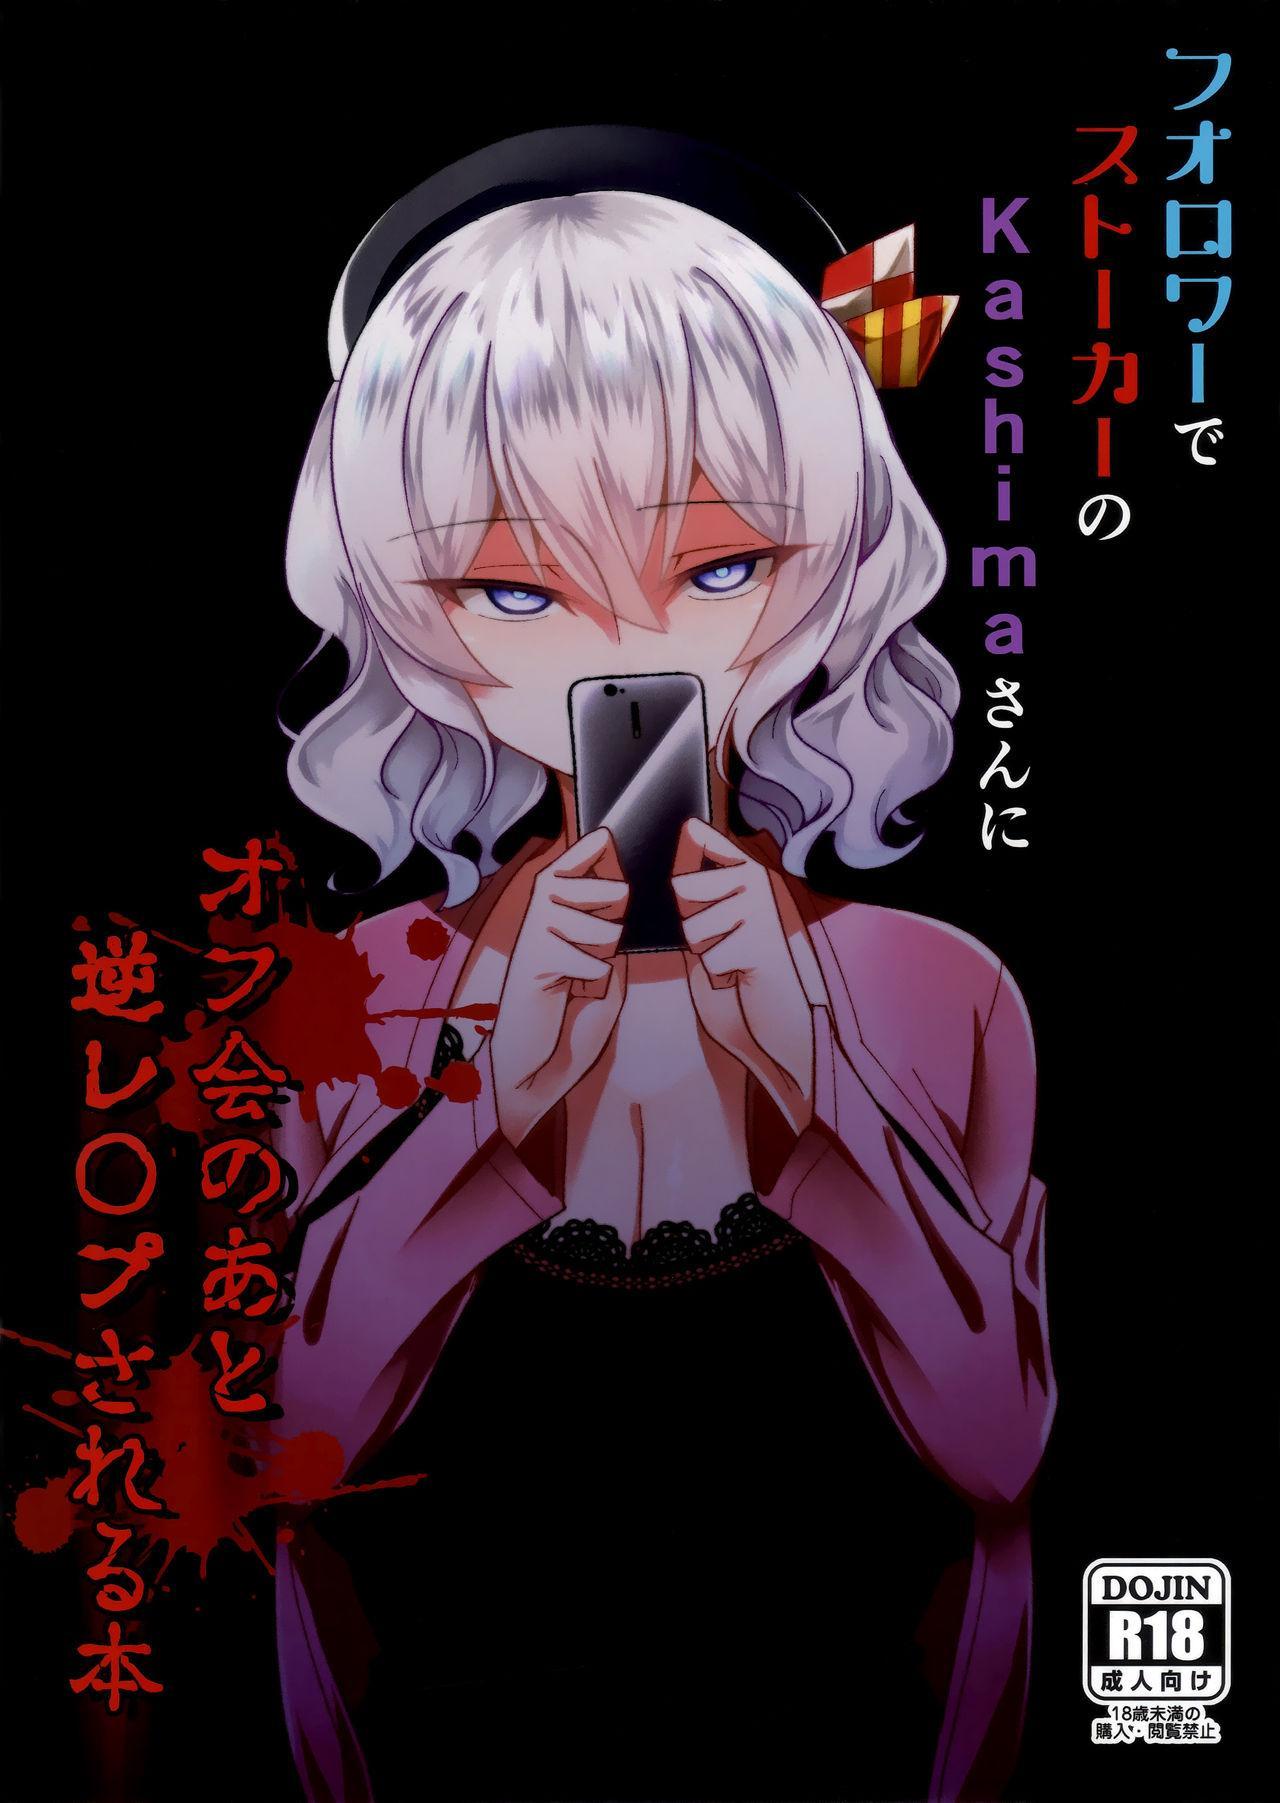 (C96) [Youkai House (Yokai)] Follower de Stalker no Kashima-san ni Off-kai no Ato Gyaku Rape sareru Hon (Kantai Collection -KanColle-) [English] 0